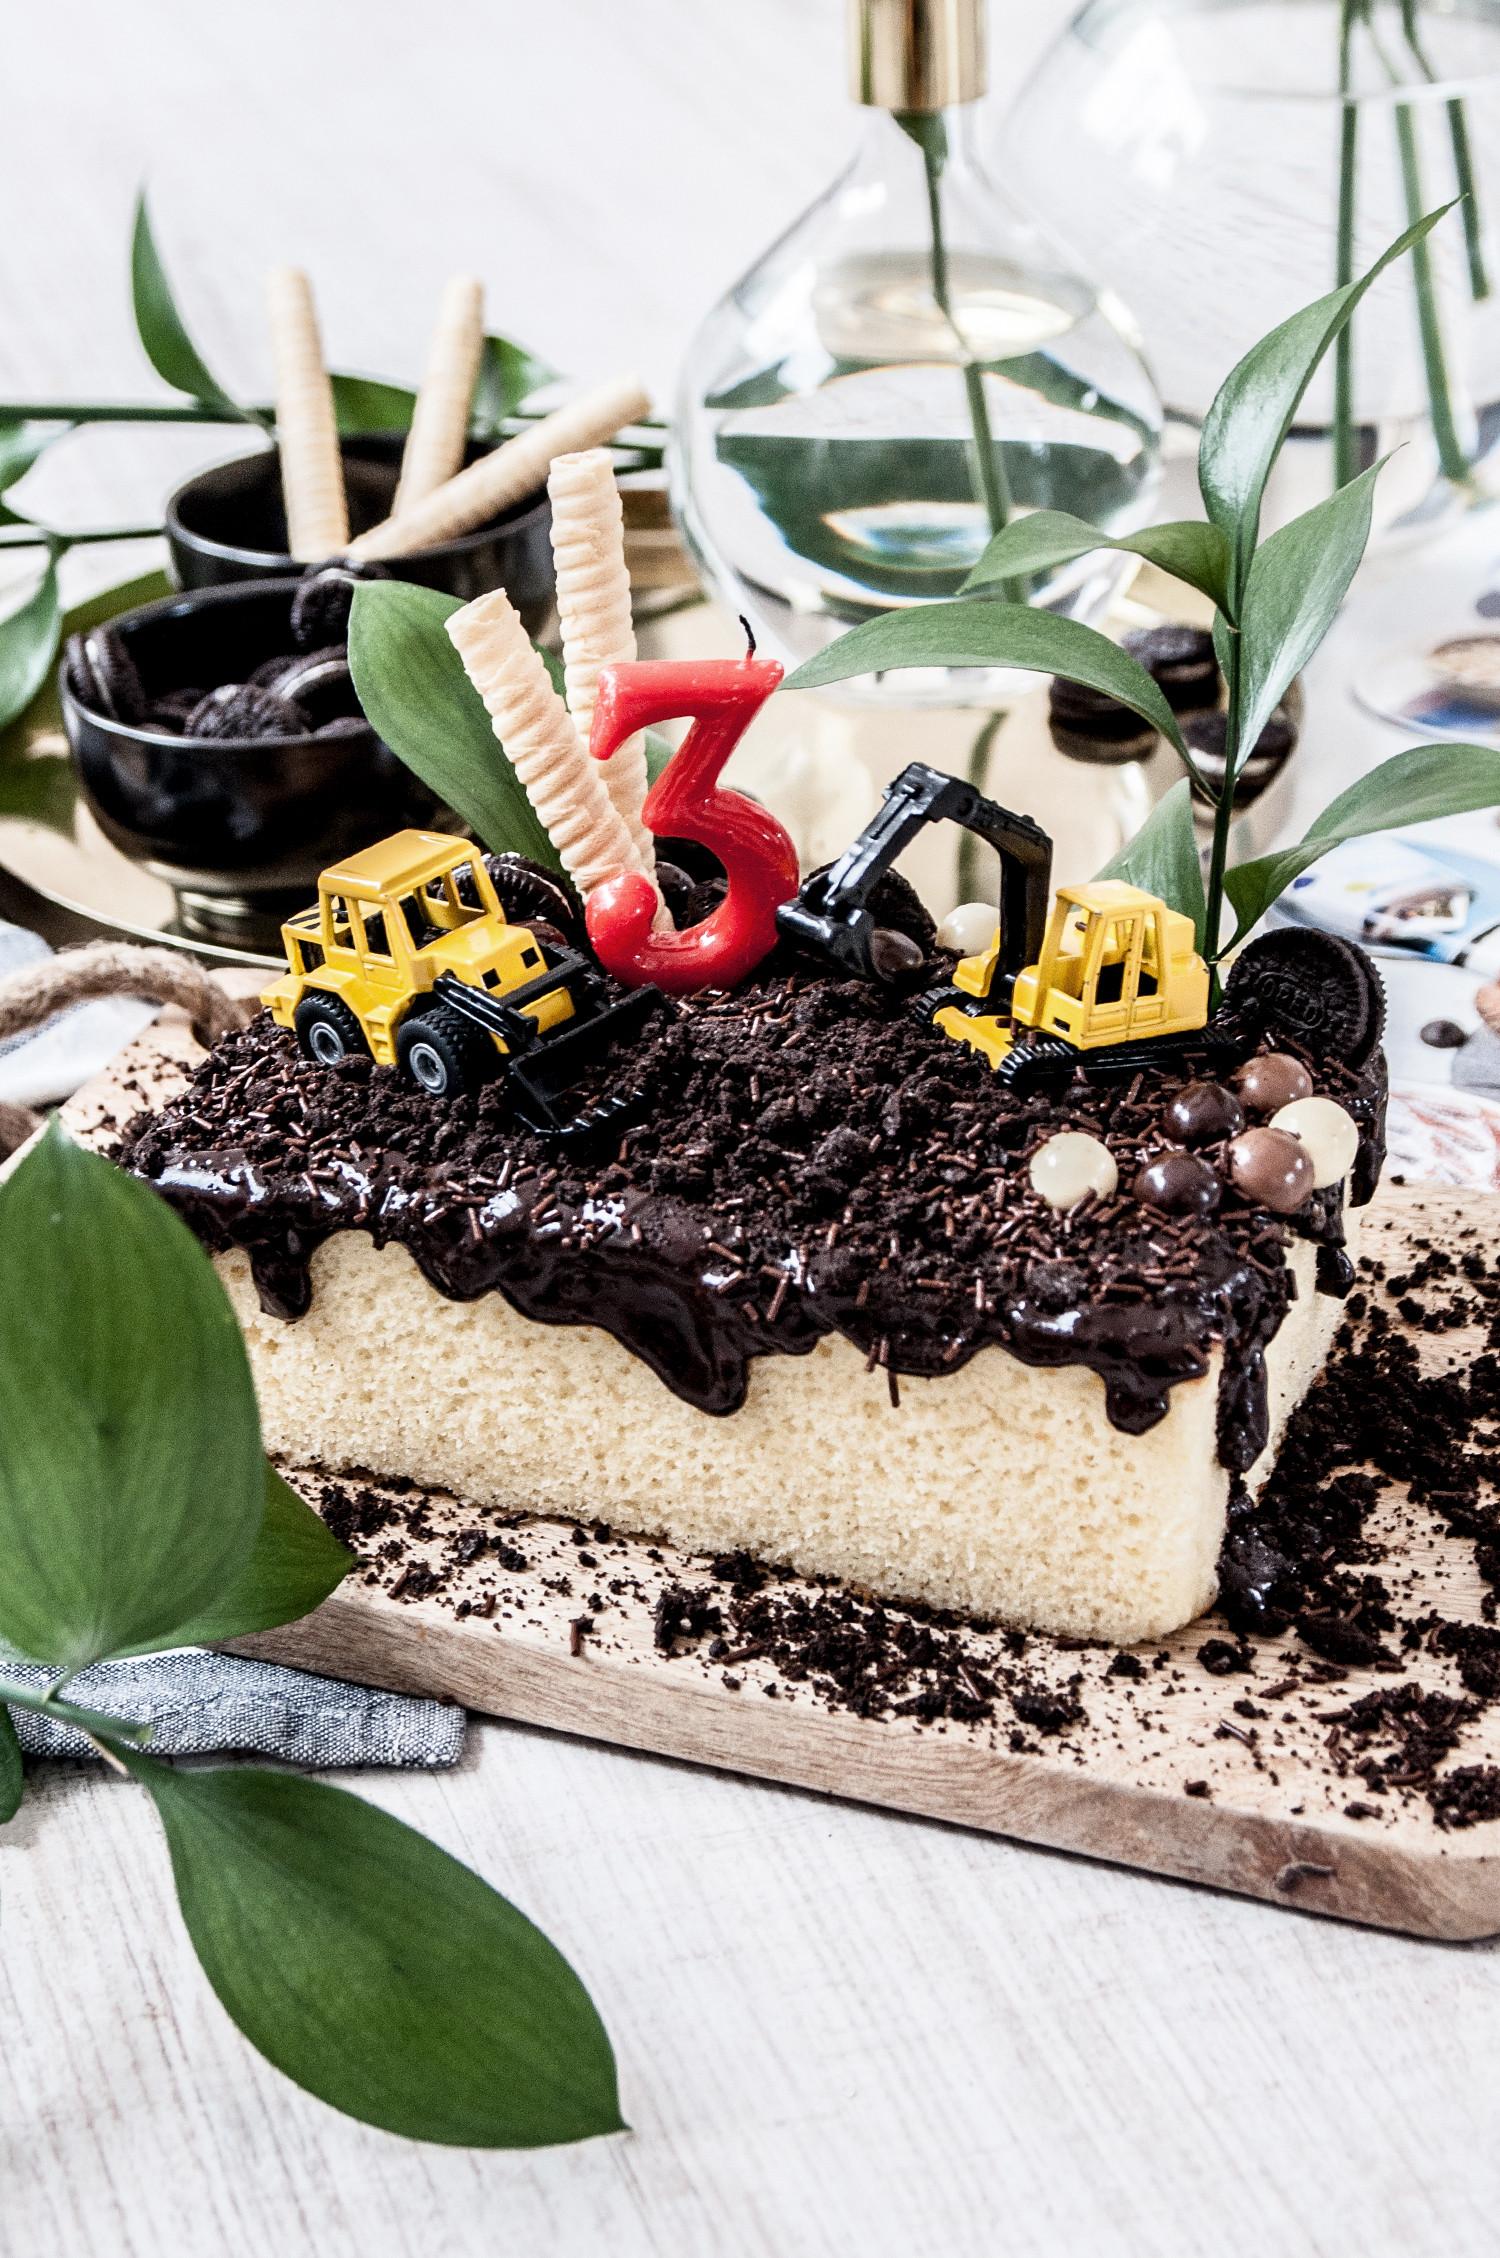 MATEO'S BIRTHDAY CAKE-14235-macarenagea